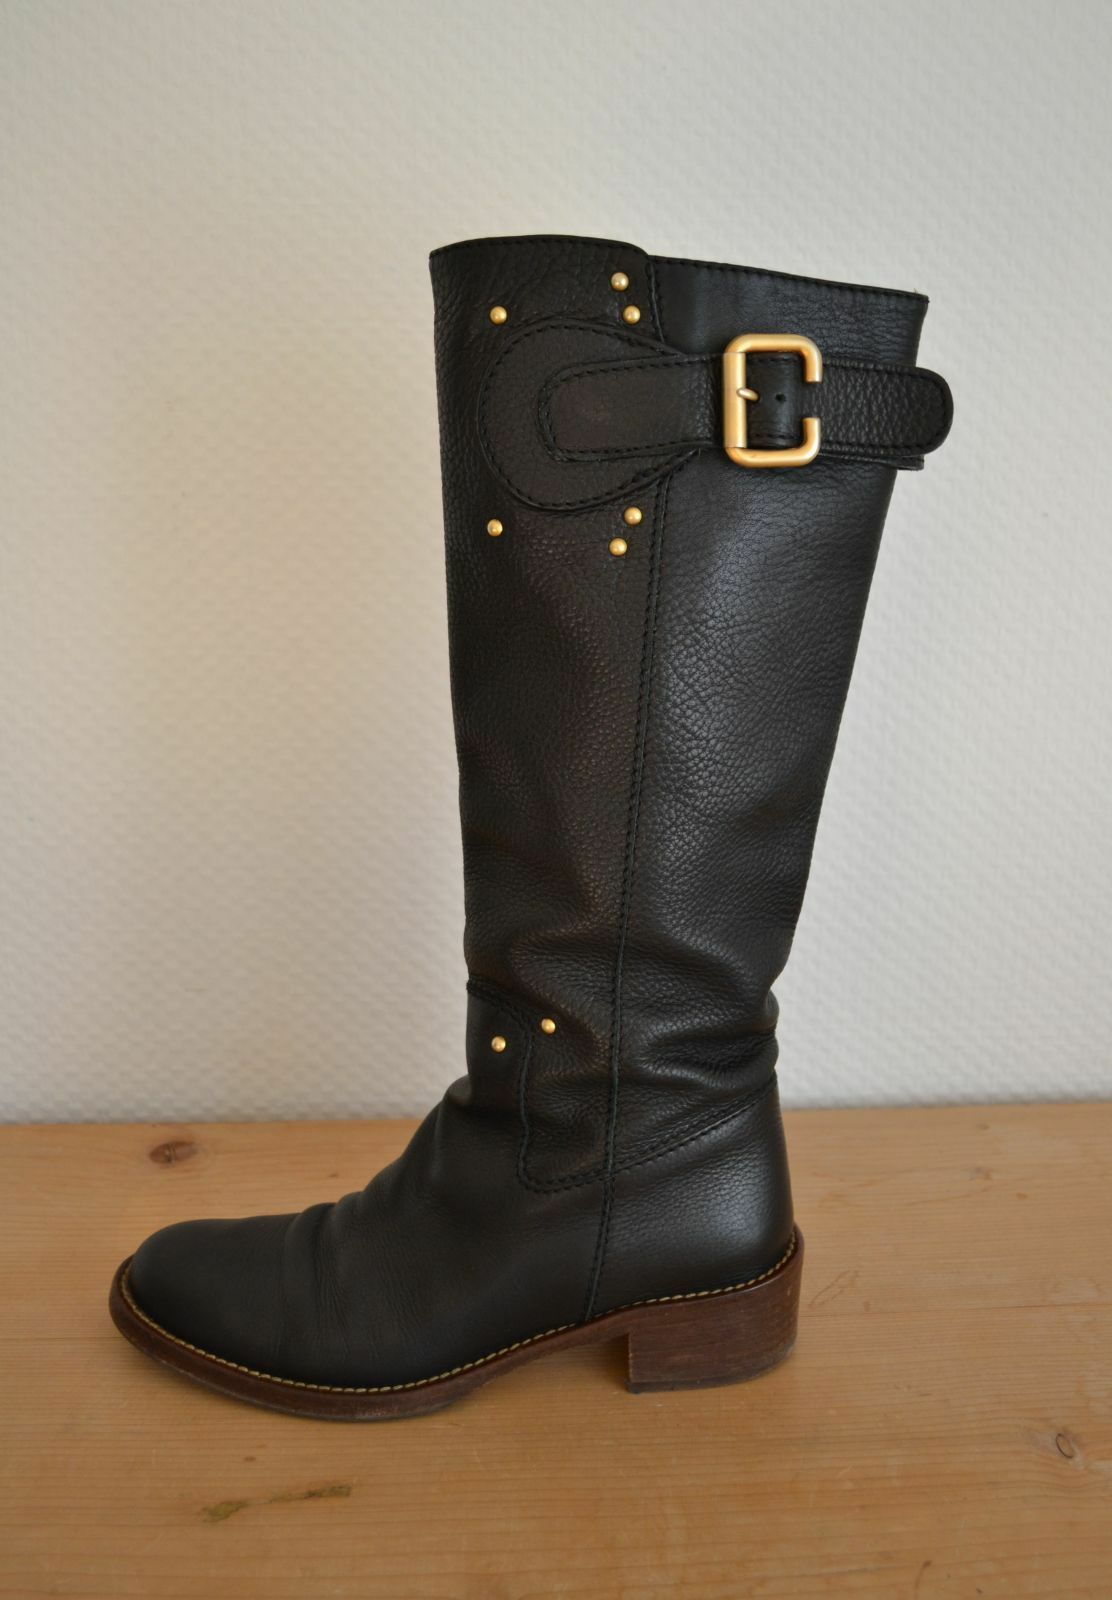 GHIMOS Stivali da Donna Stivali Tg. 38 (Made in Italy) - come nuovo